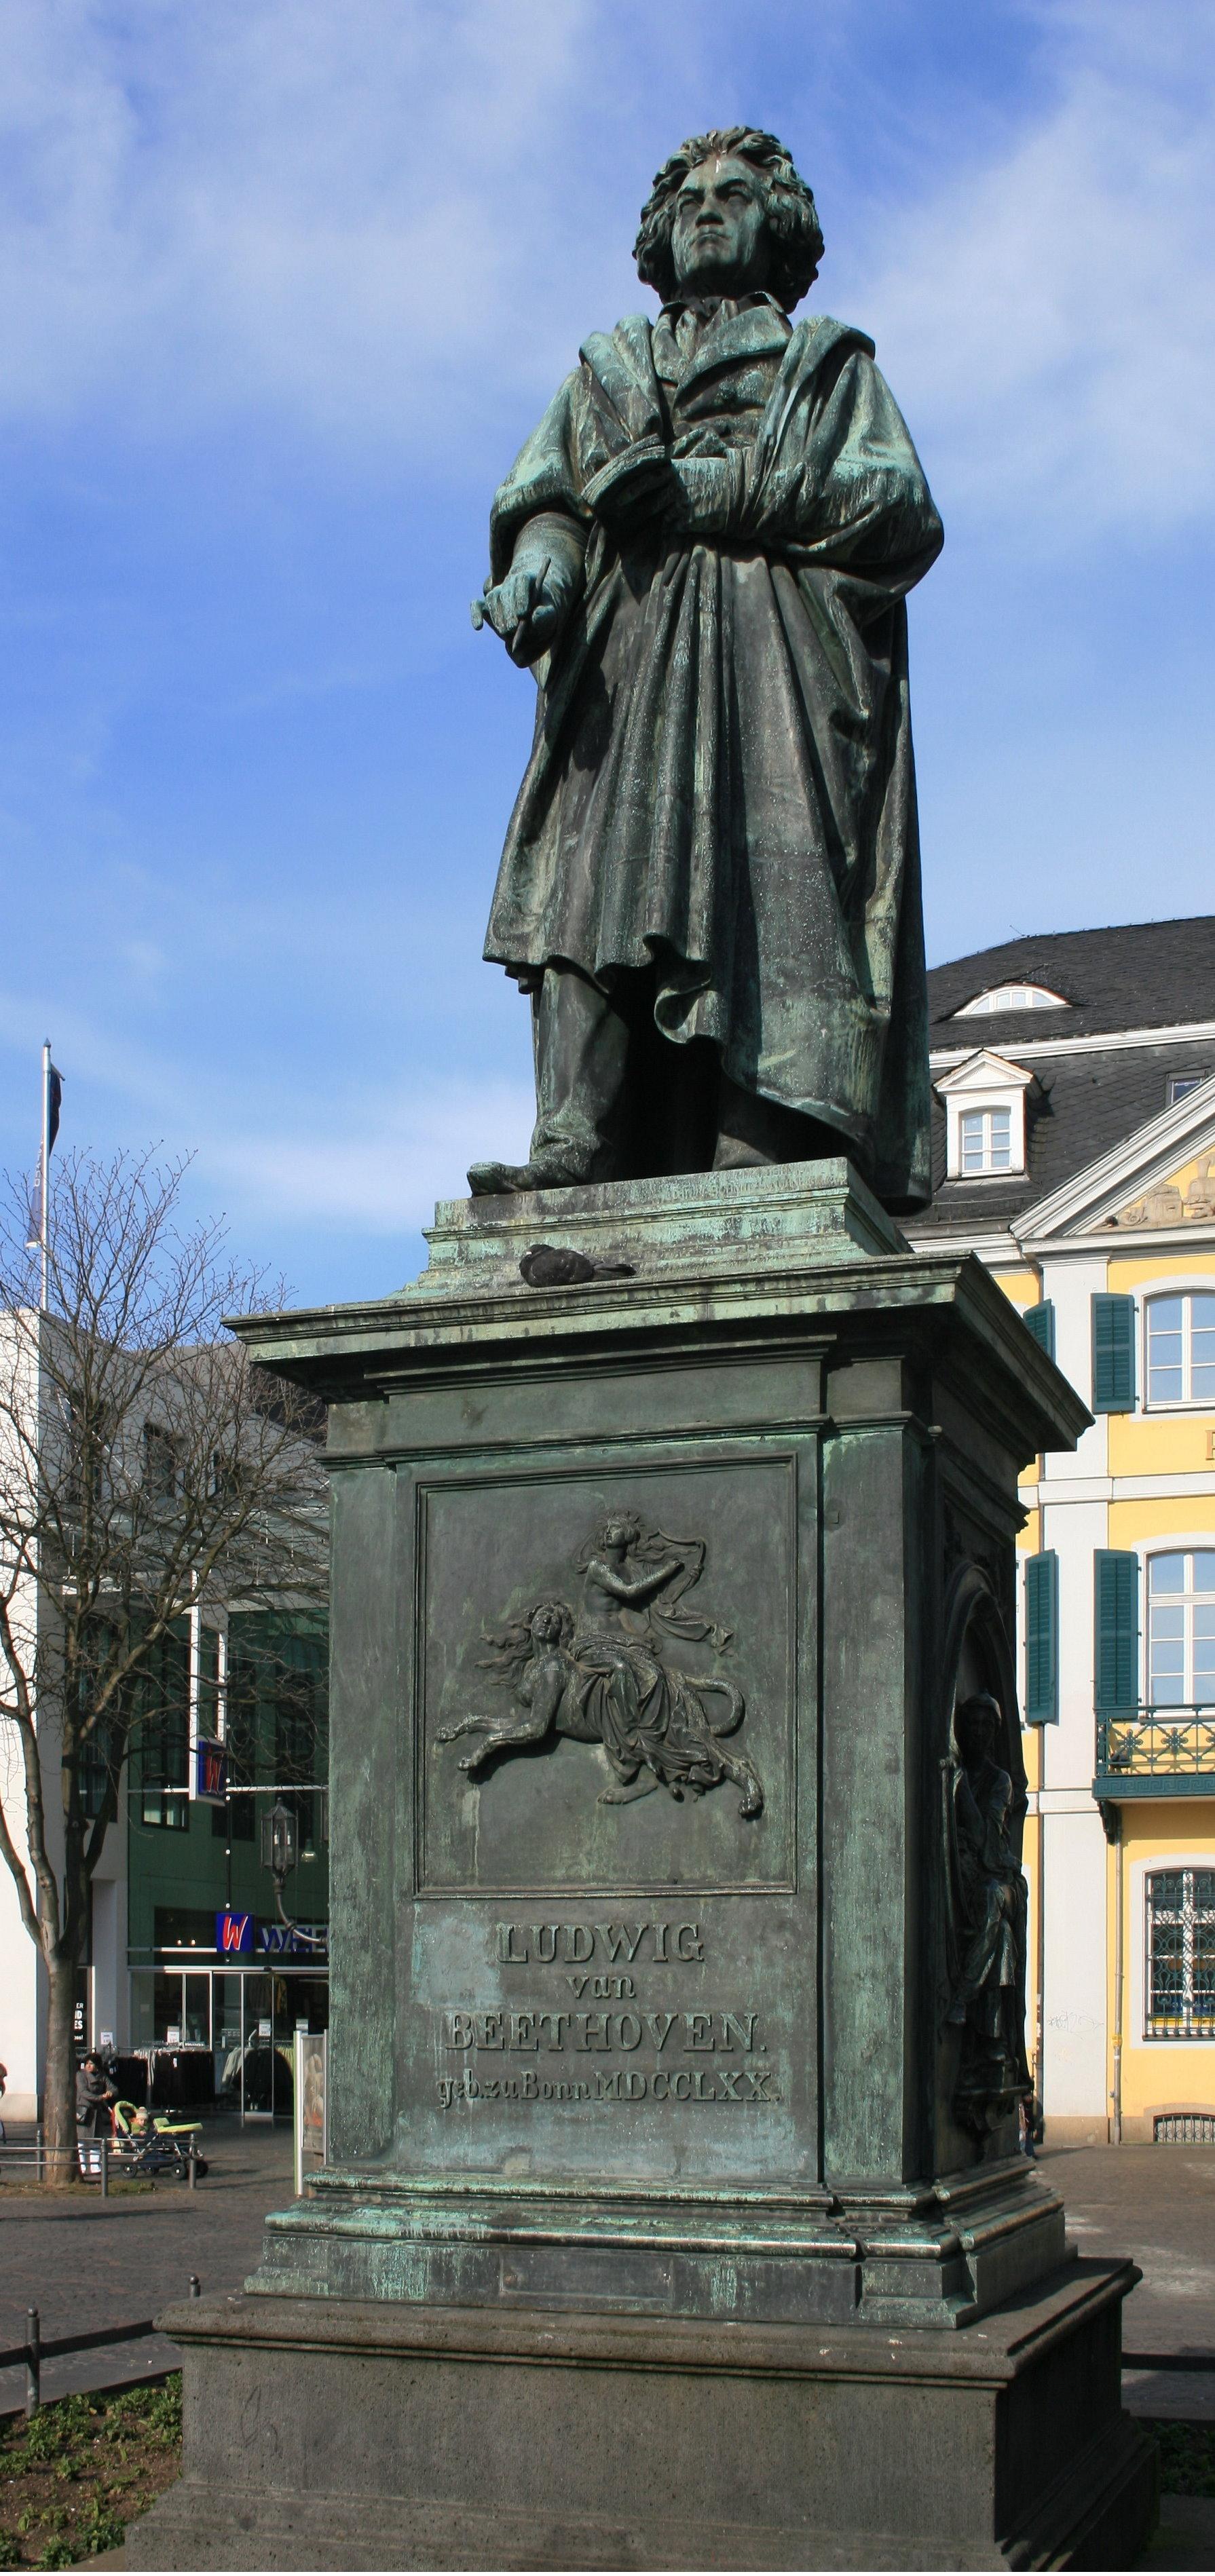 El monumento a Beethoven en Bonn, Münsterplatz.